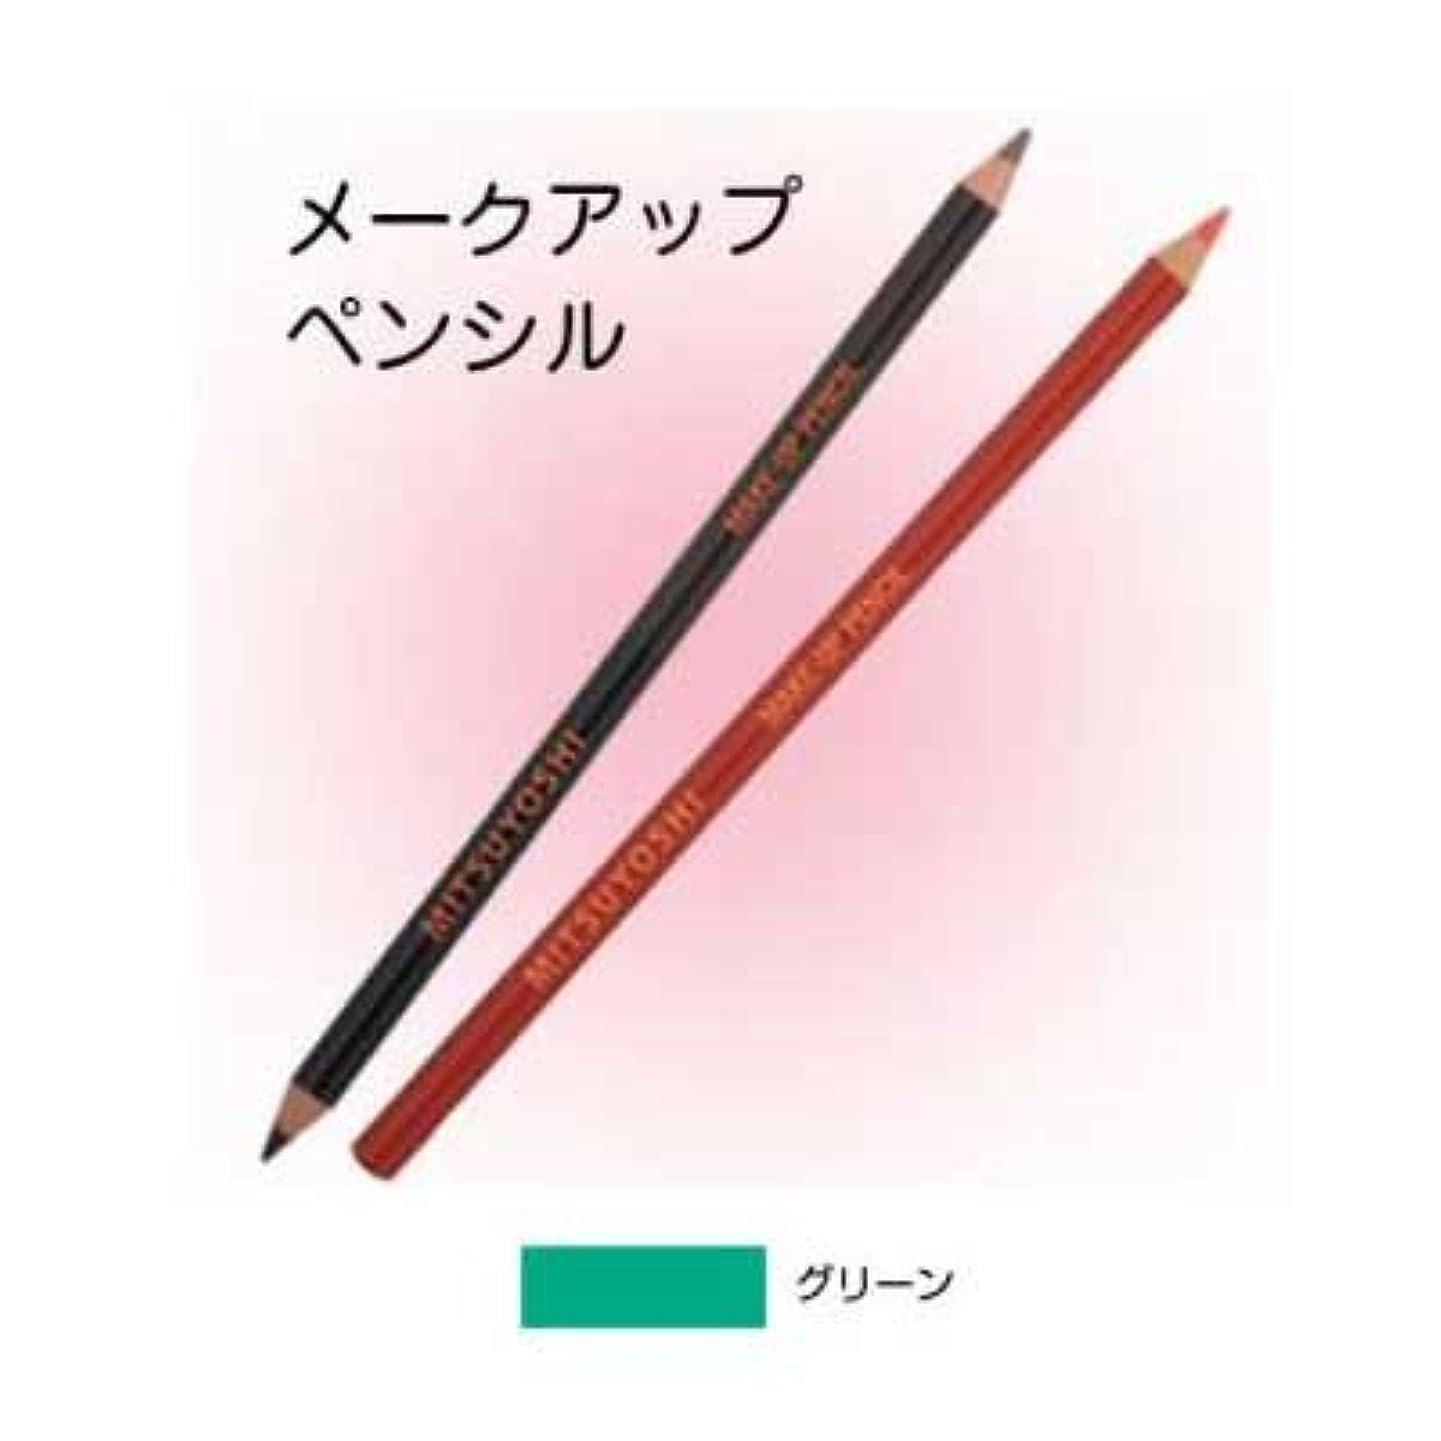 スペシャリスト耐久ブランクメークアップペンシル アイライナー グリーン【三善】